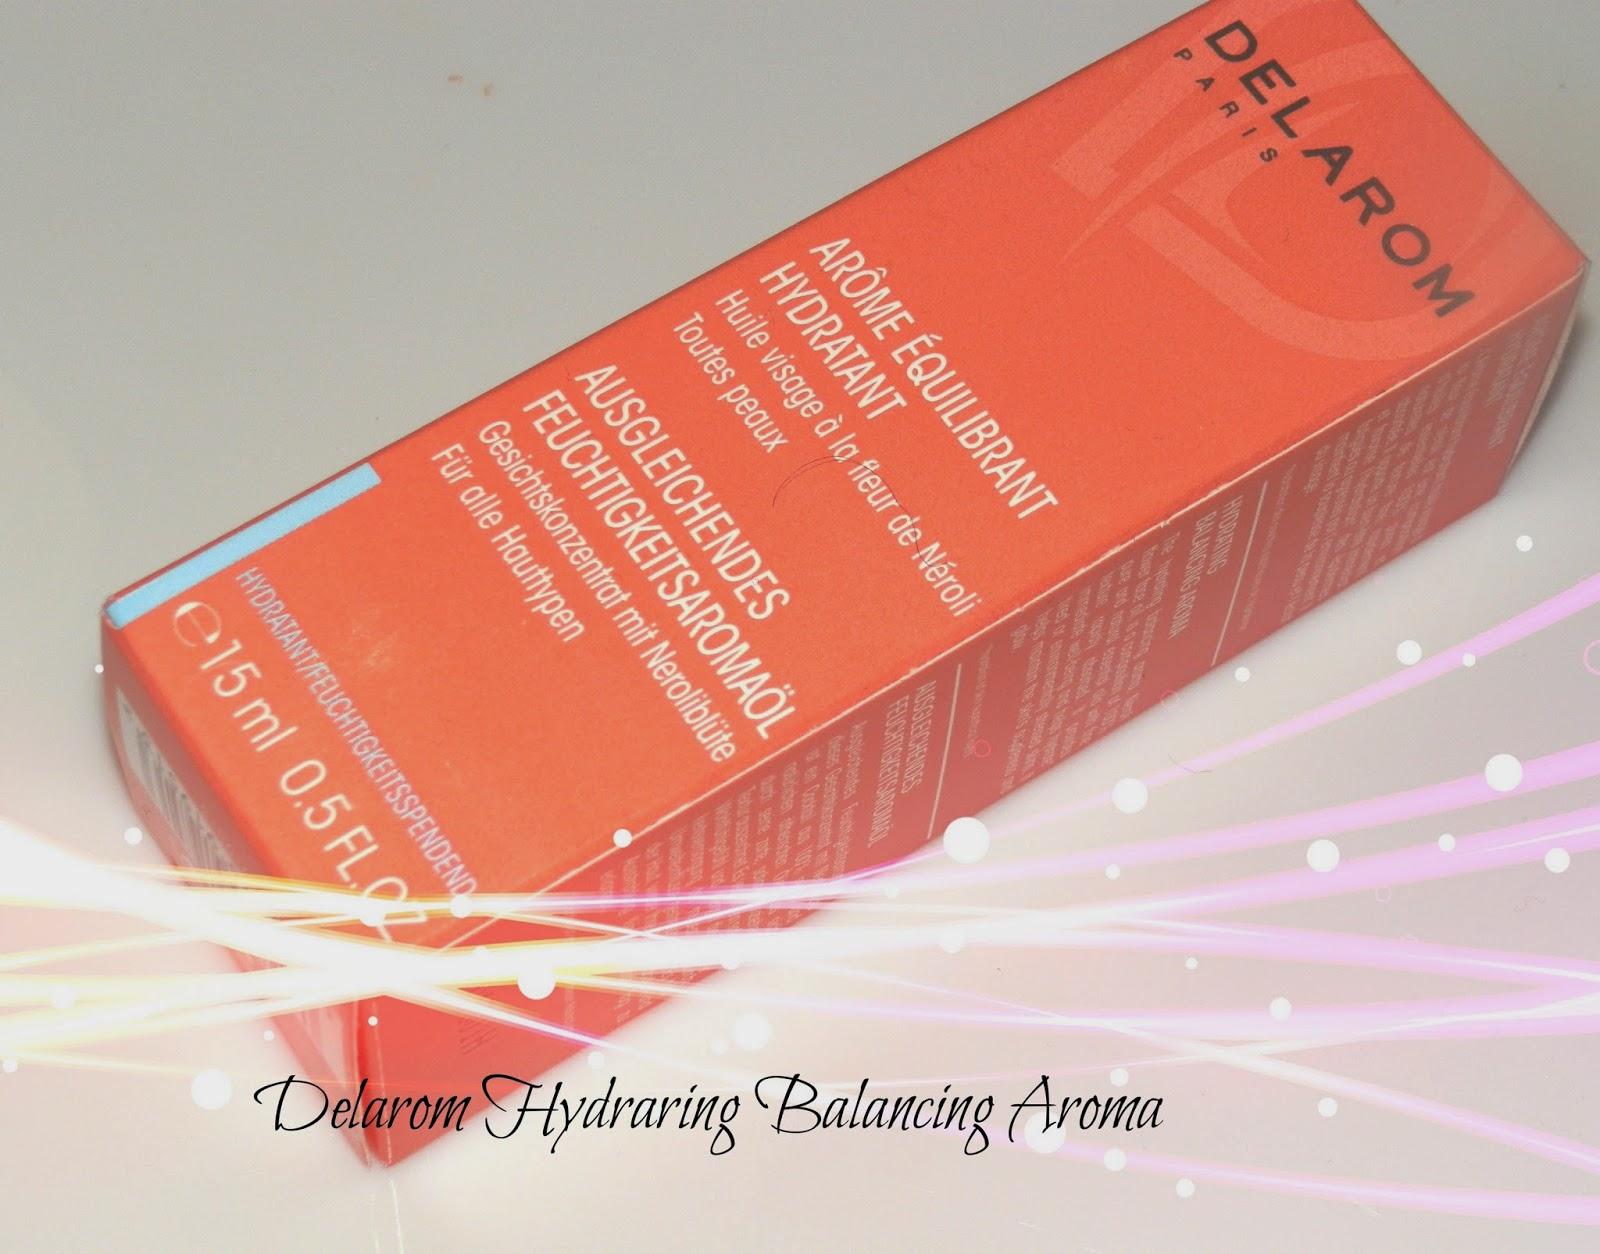 Delarom Hydraring Balancing Aroma Reviews